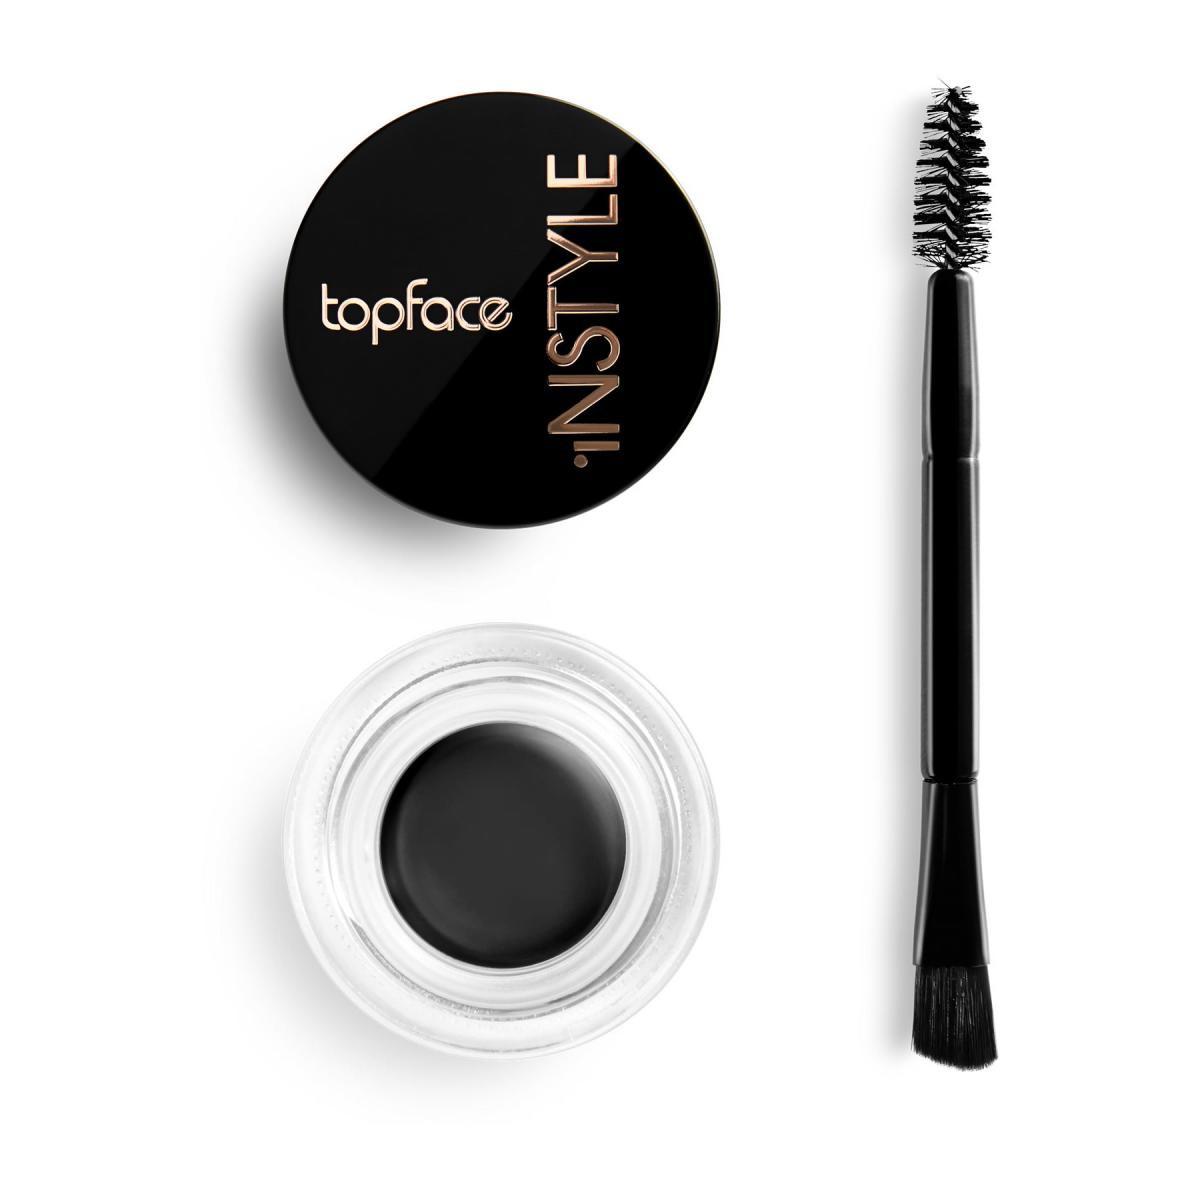 ژل ابرو اینستایل تاپ فیس - Topface Instyle Eyebrow Gel